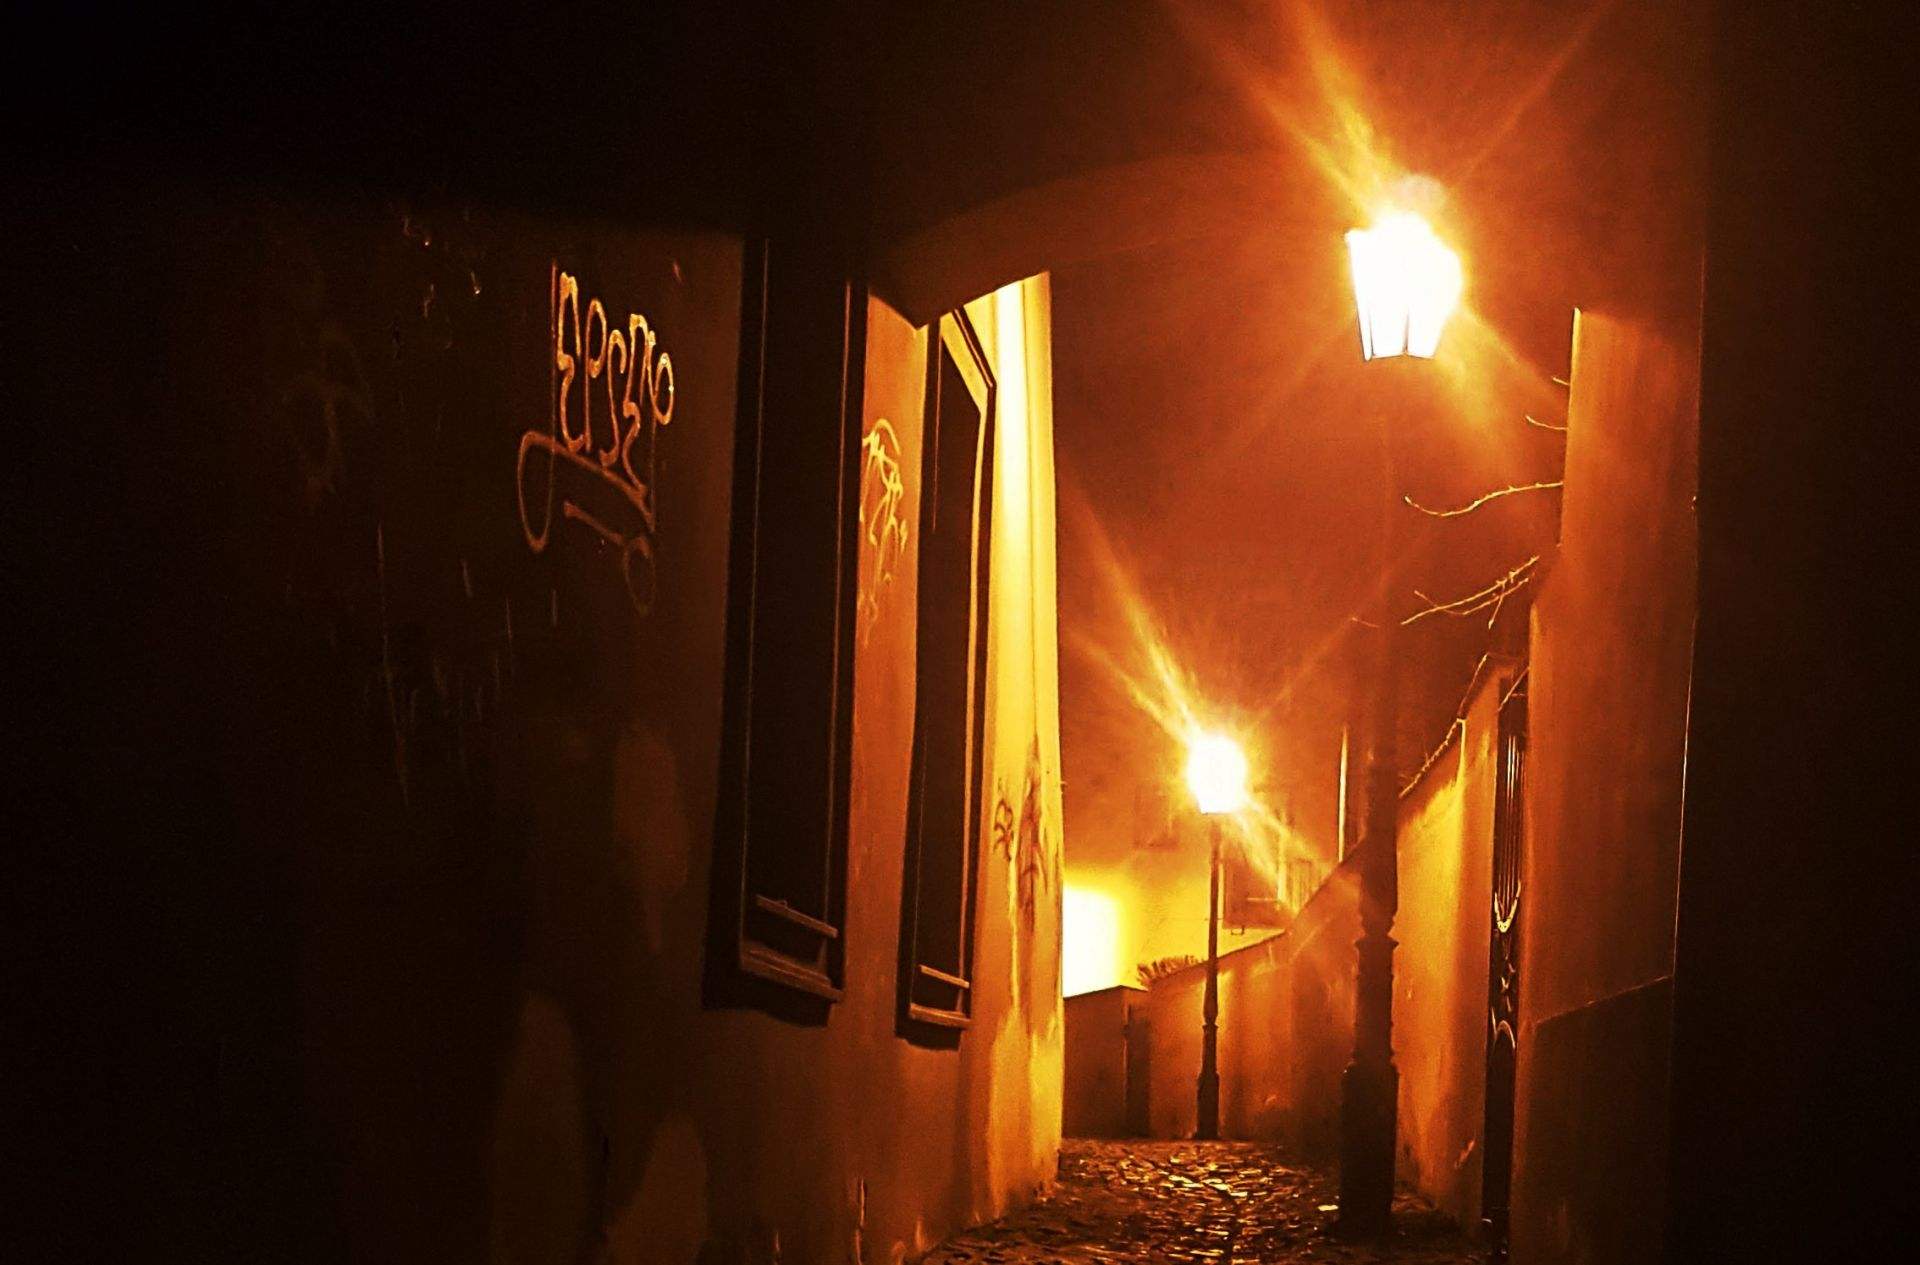 ulicka_zavrazdenych_cheb_2